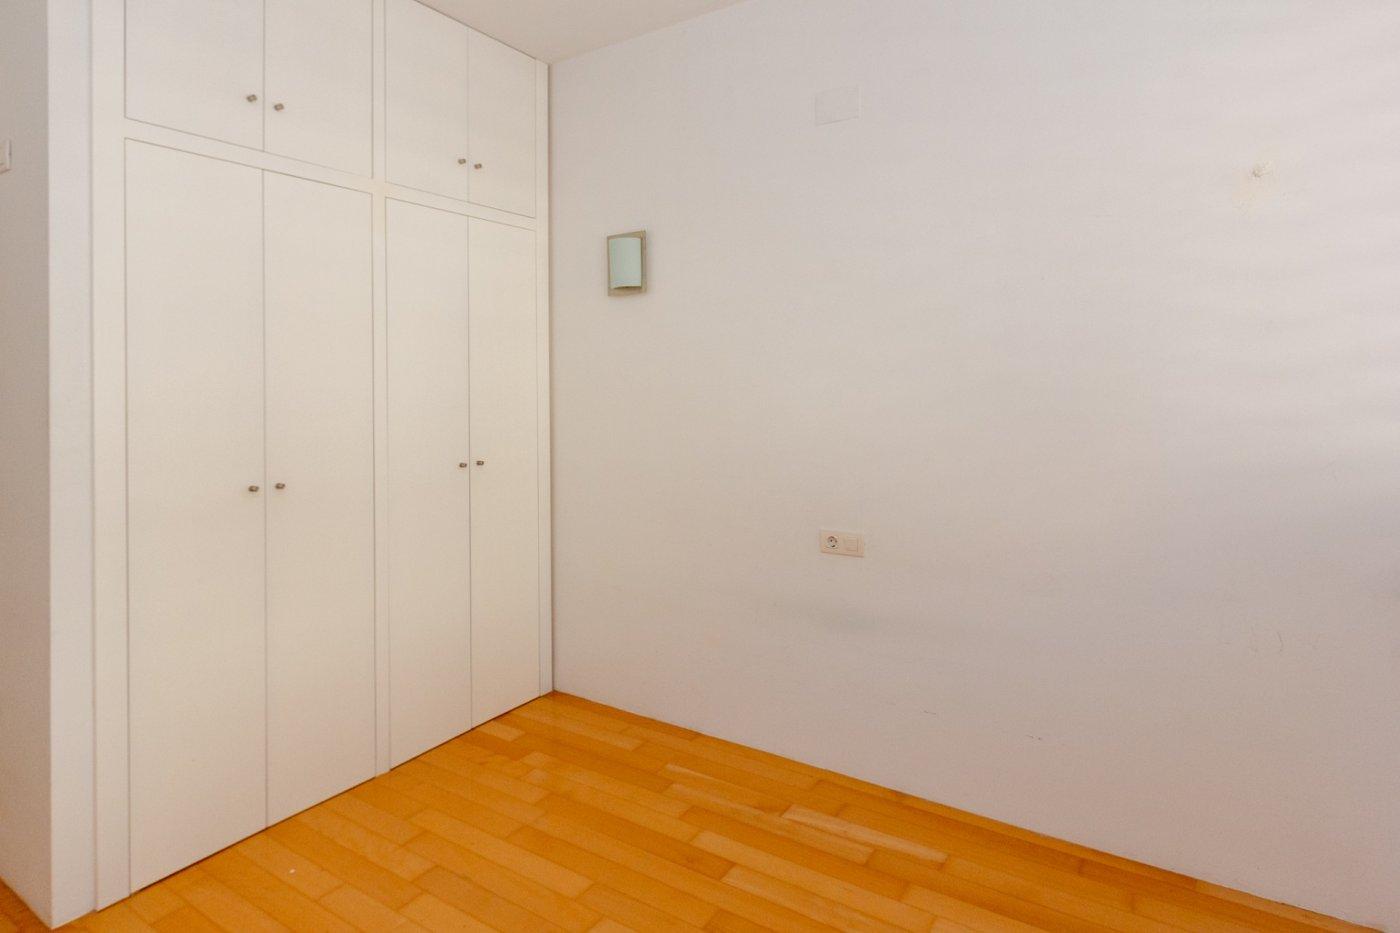 Piso de dos dormitorios de reciente construcción en zona centro de castalla - imagenInmueble6